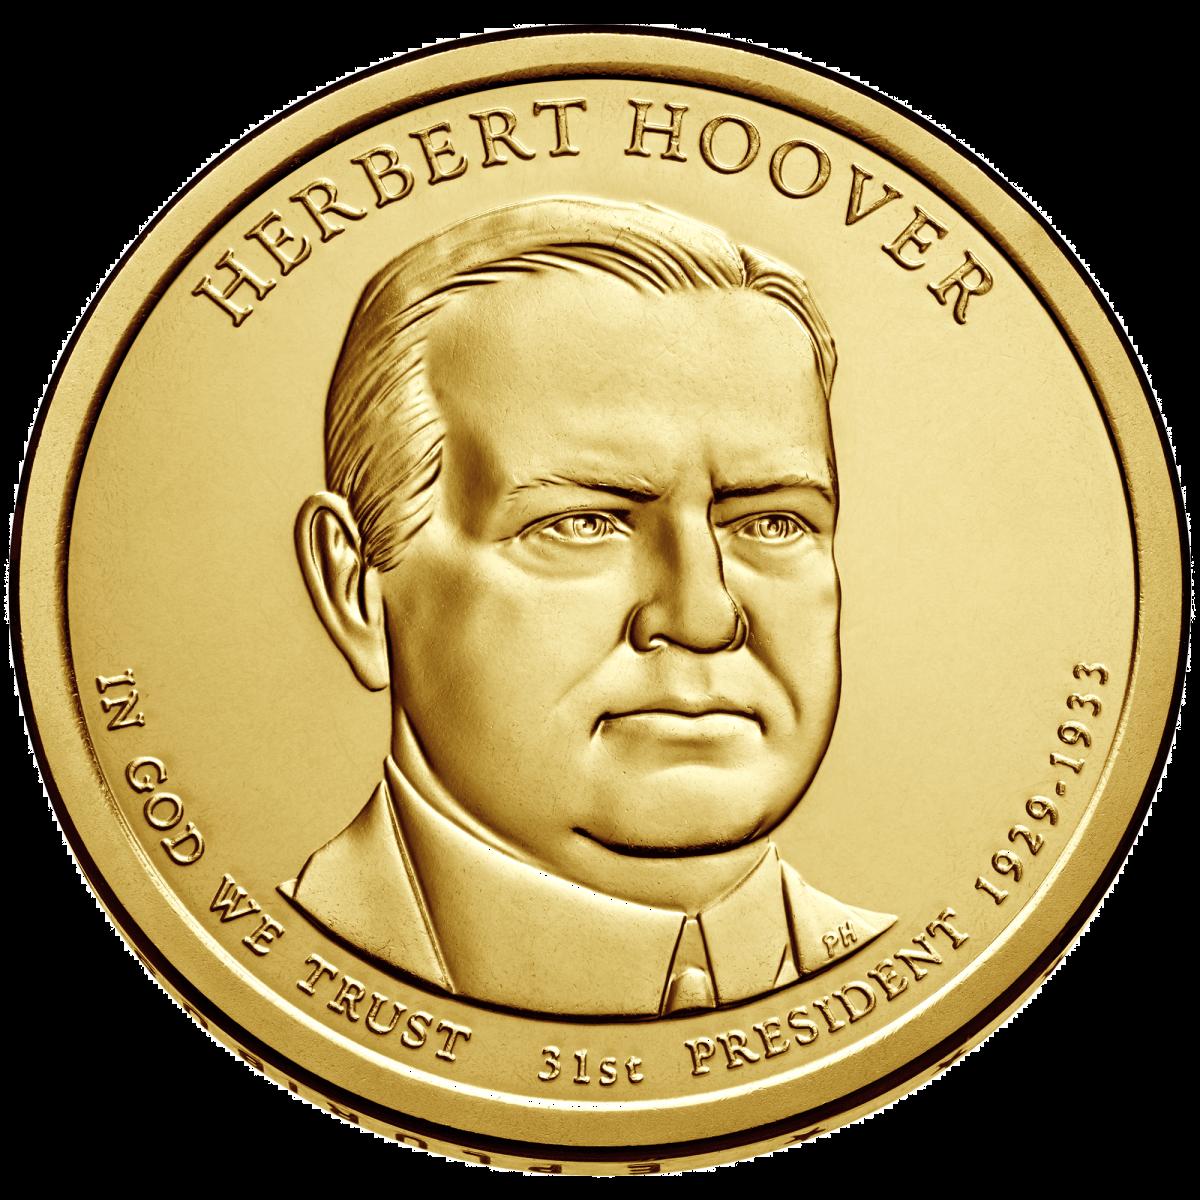 herbert-hoover-31st-president